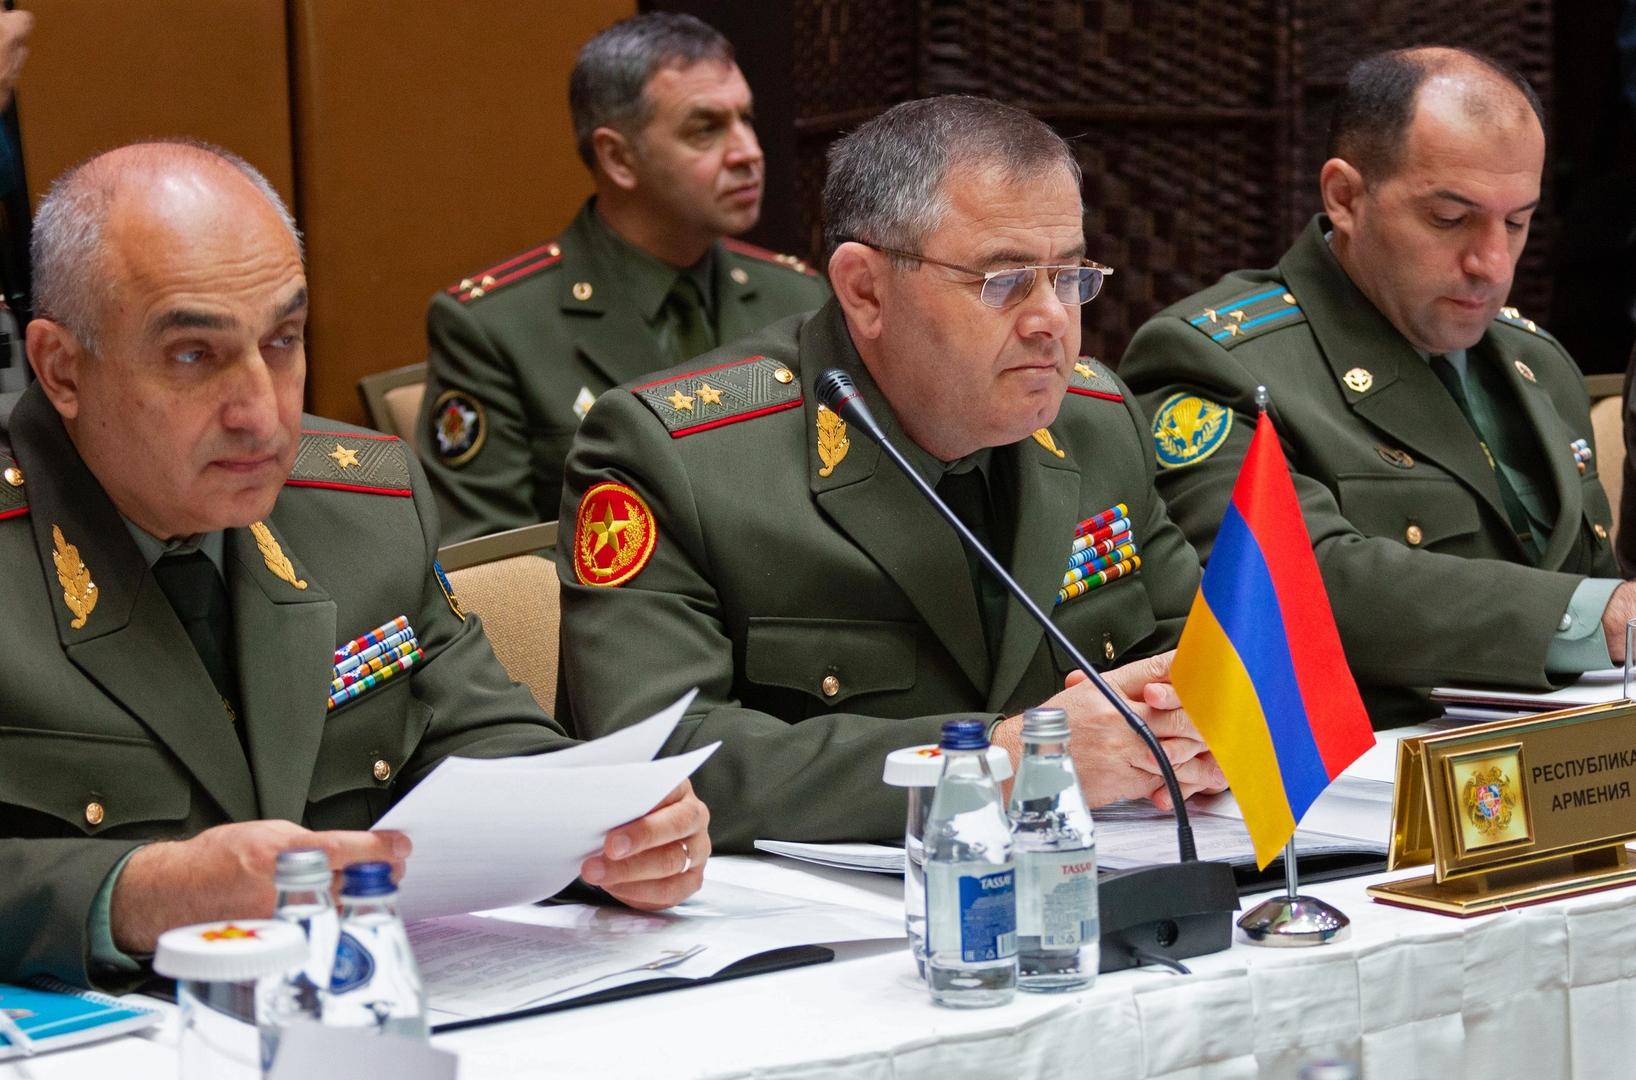 رئيس أرمينيا يرفض تعيين مرشح باشينيان لرئاسة الأركان